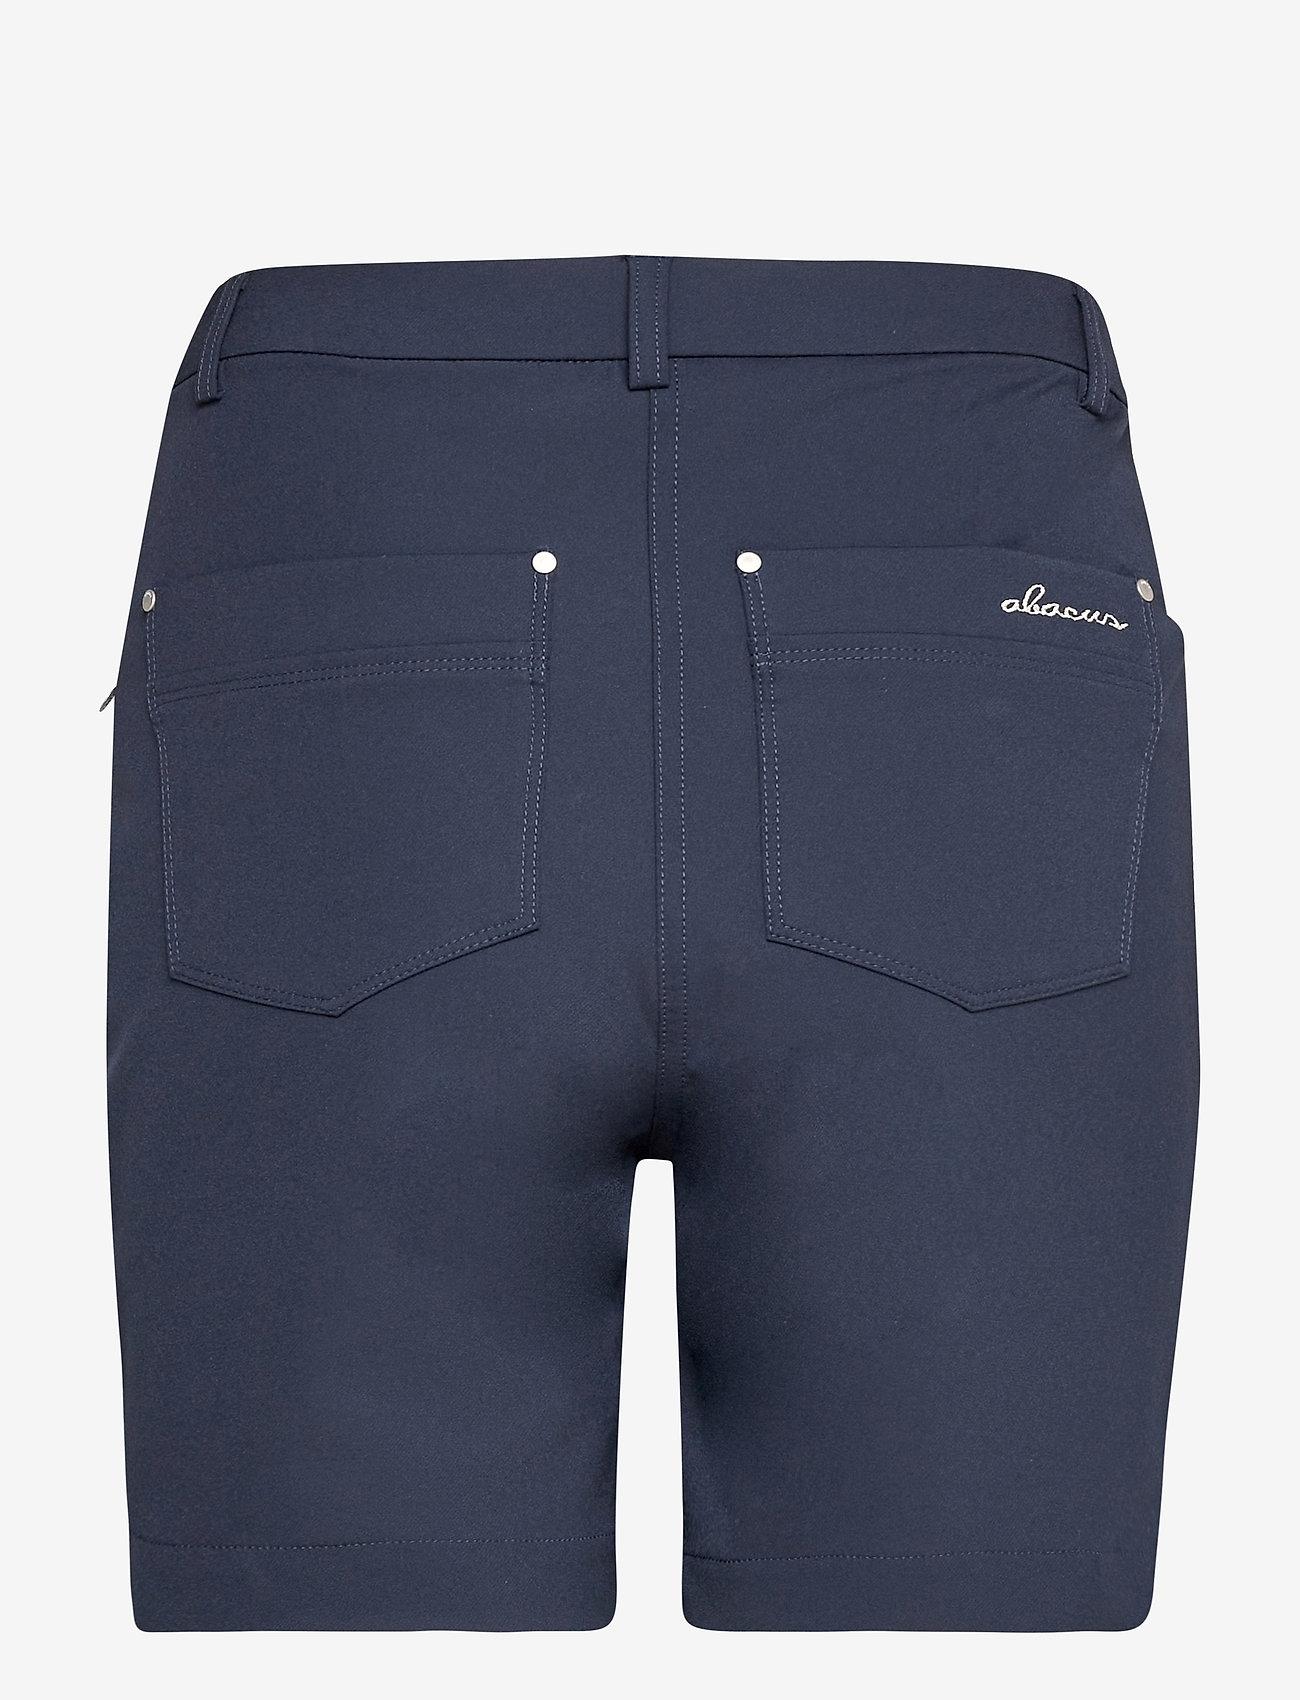 Abacus - Lds Grace high waist shorts 45cm - golfbroeken - navy - 1